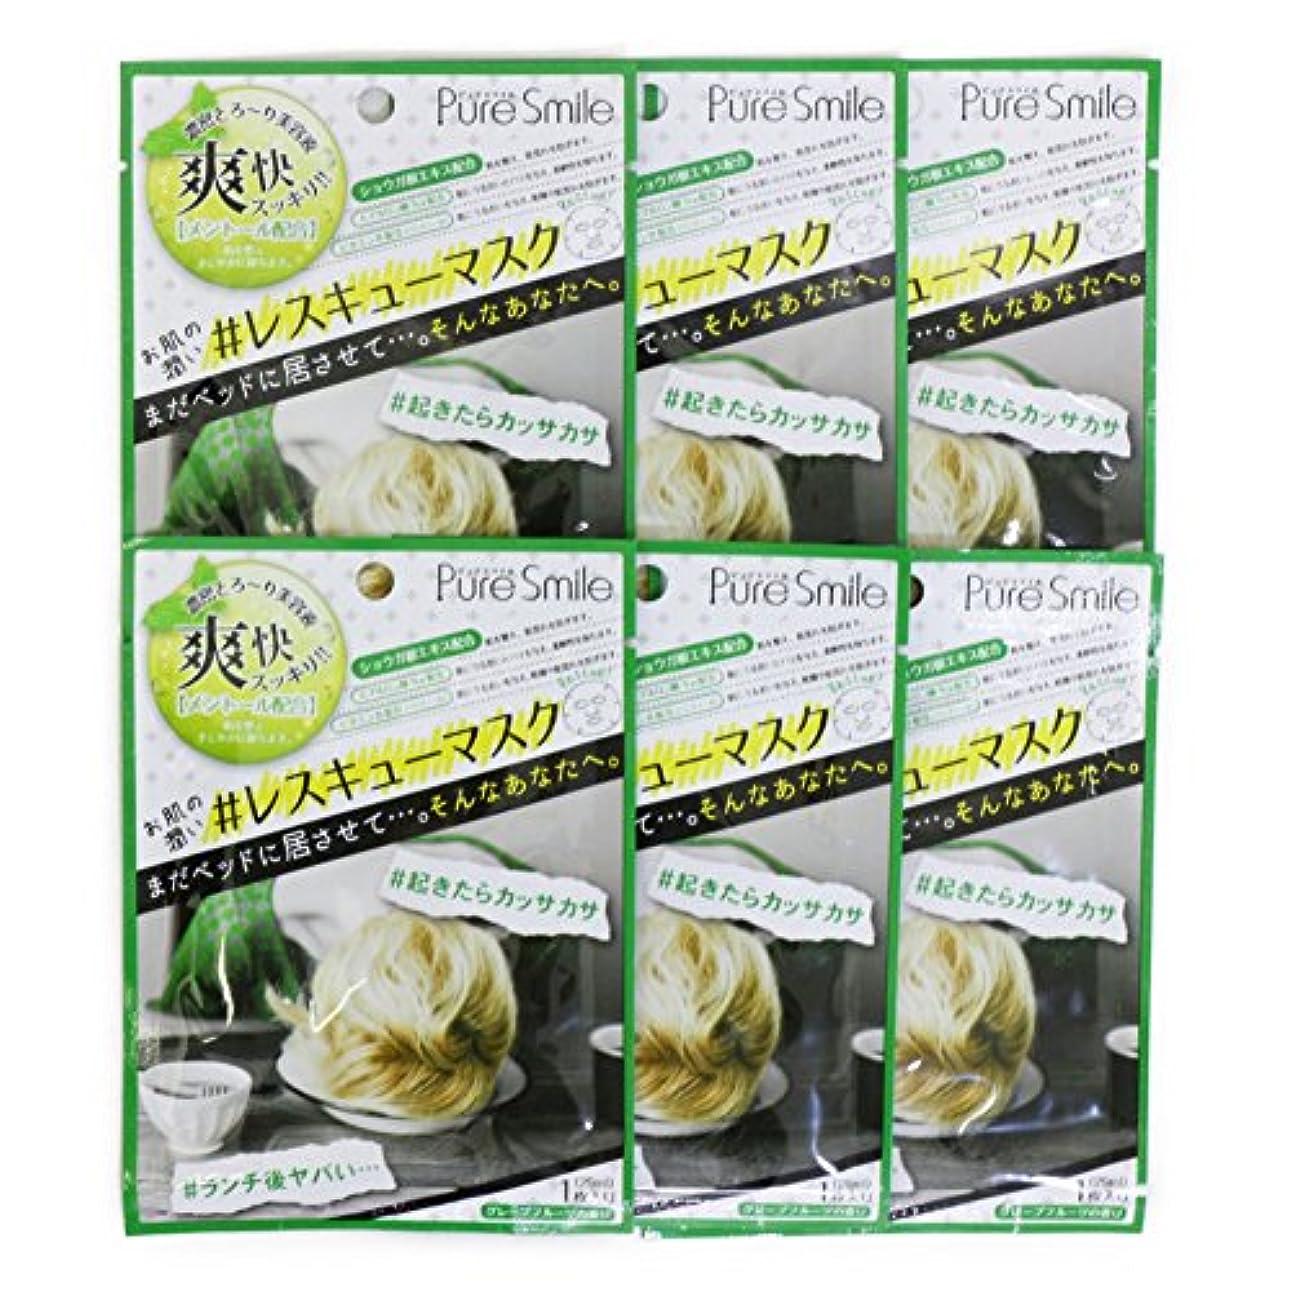 聴覚障害者印刷する国際Pure Smile ピュアスマイル RCSエッセンスマスク グレープフルーツ 6枚セット